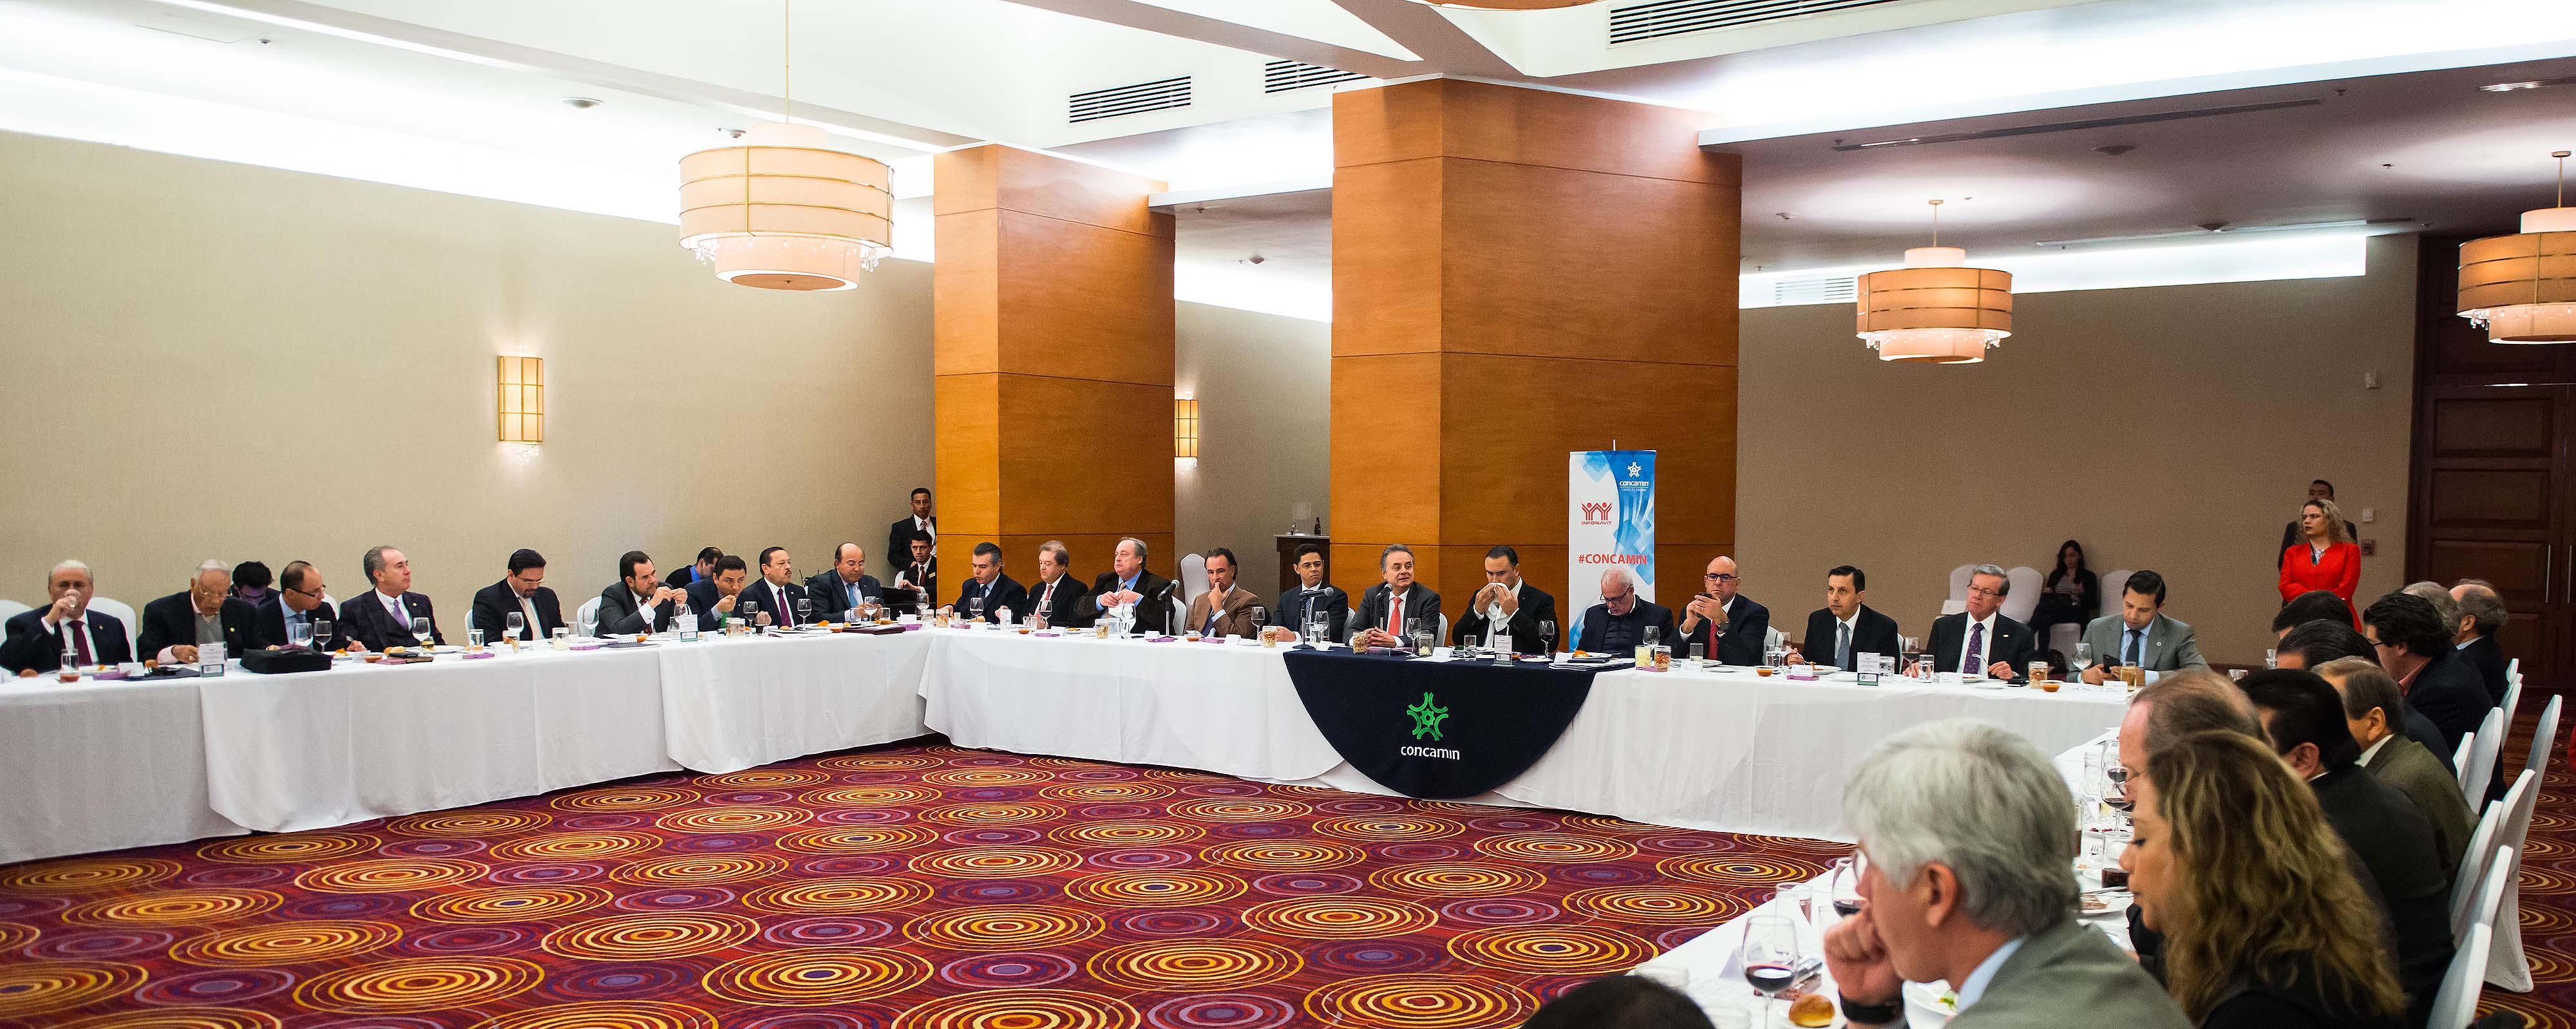 La implementación de la Reforma Energética expande el desarrollo empresarial producto de hidrocarburos y electricidad